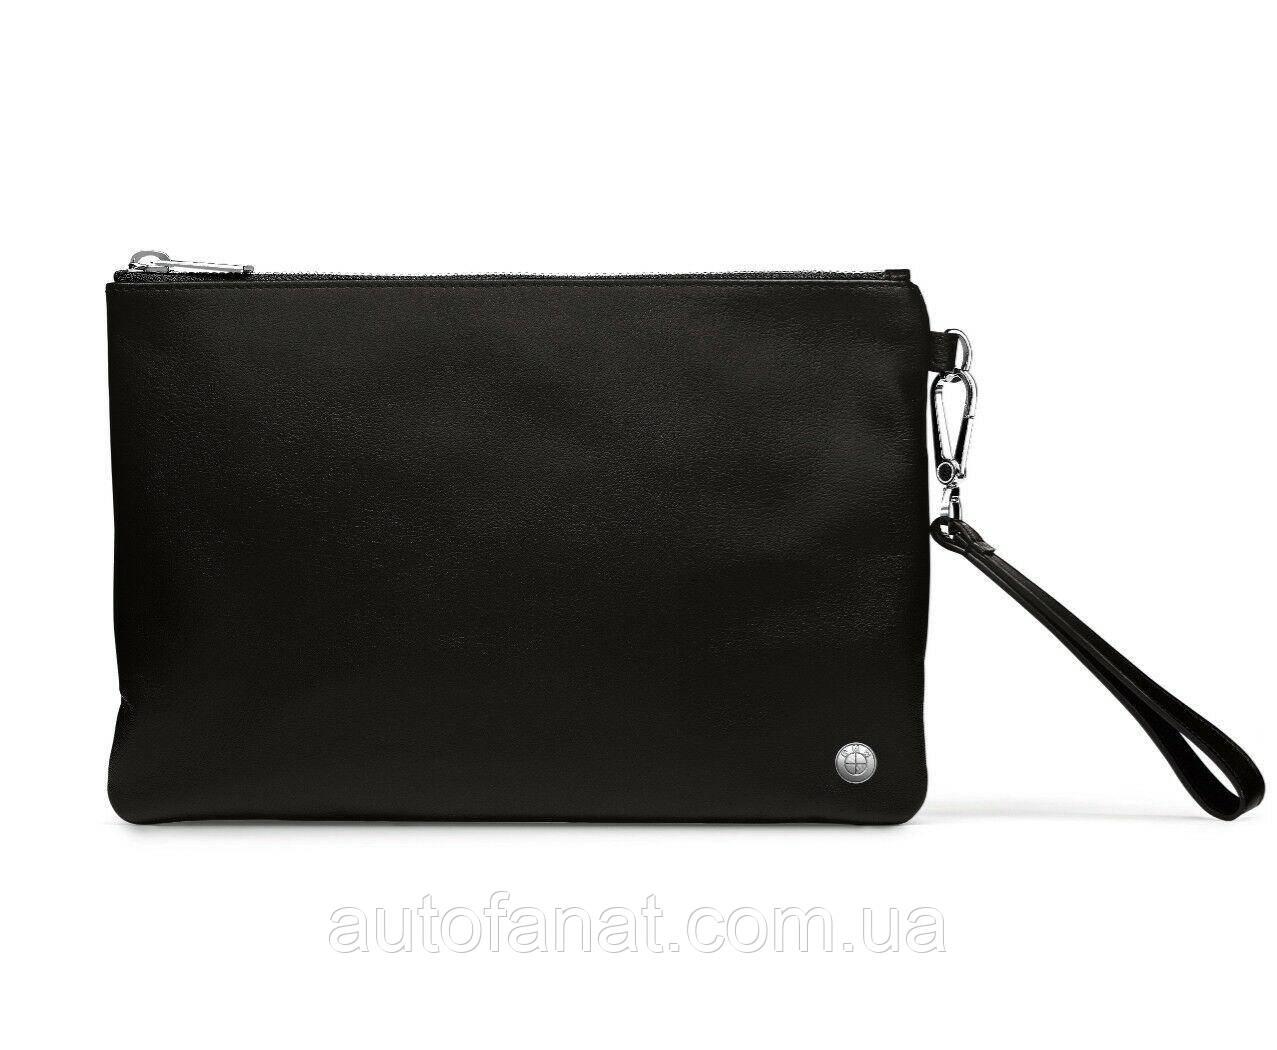 Шкіряна сумка BMW, Black оригінальний гаманець, портмоне (80222454671)